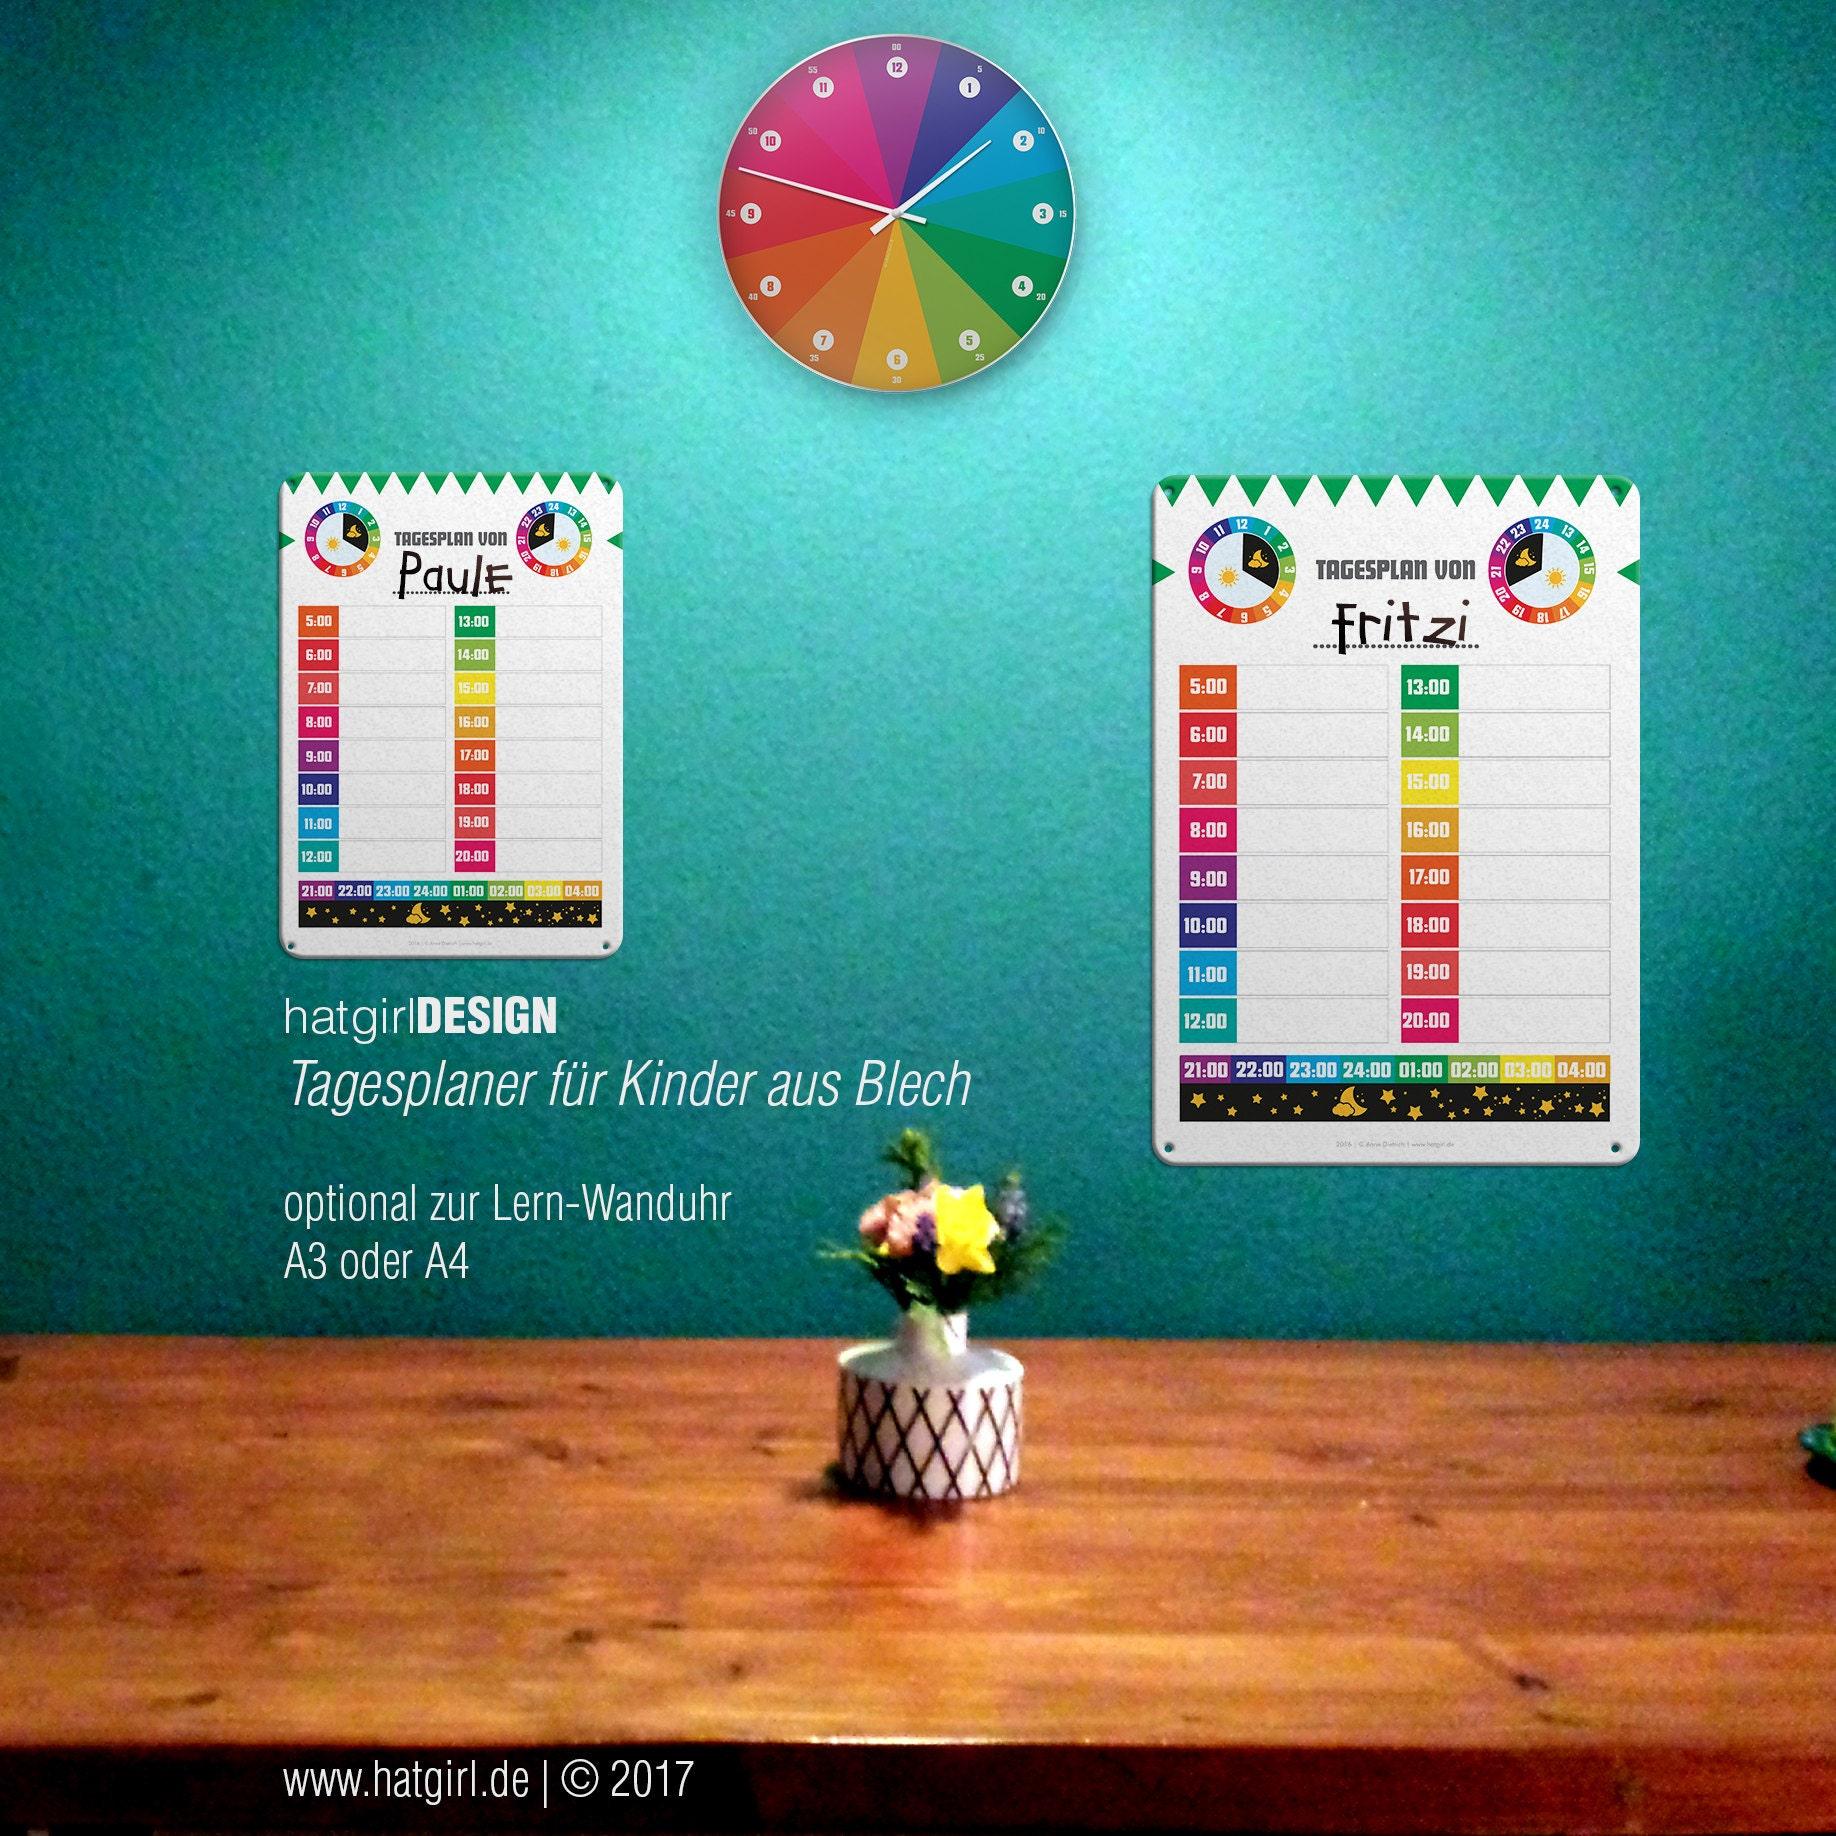 Tagesplaner für Routinen im Kindergartenalter / Schulalter